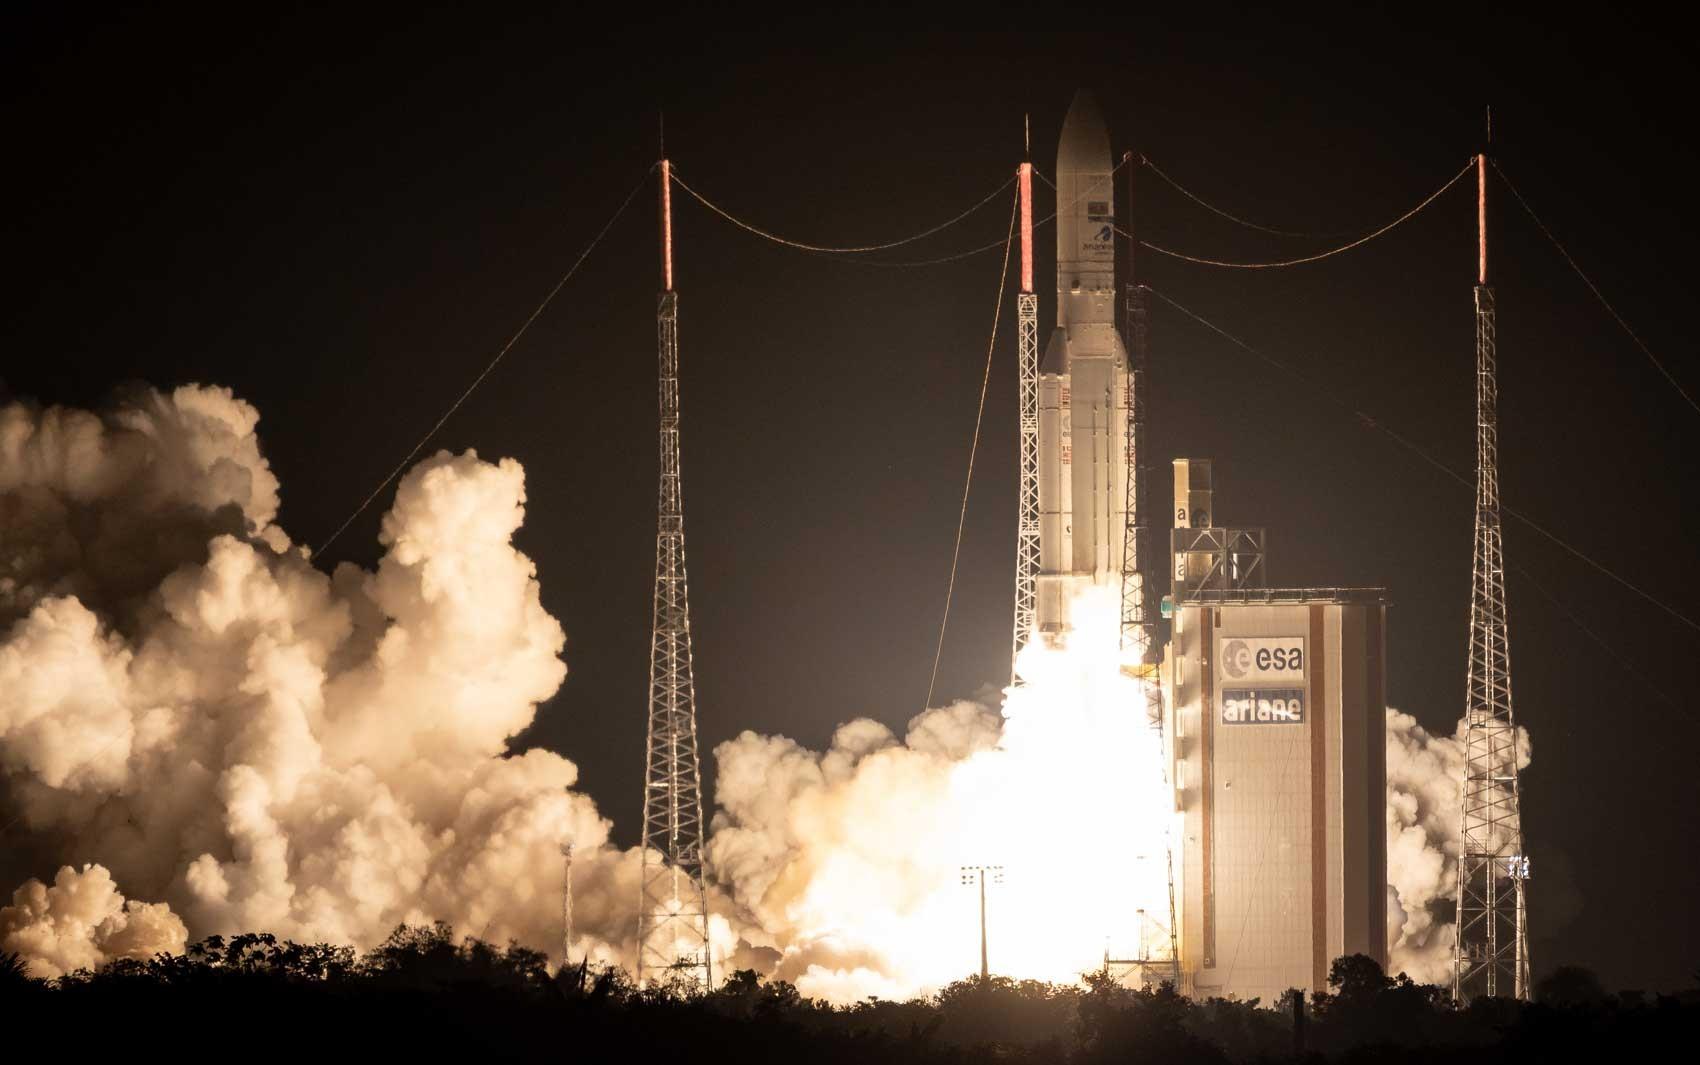 Foguete Ariane 5 realiza seu 100º lançamento e põe em órbita dois satélites